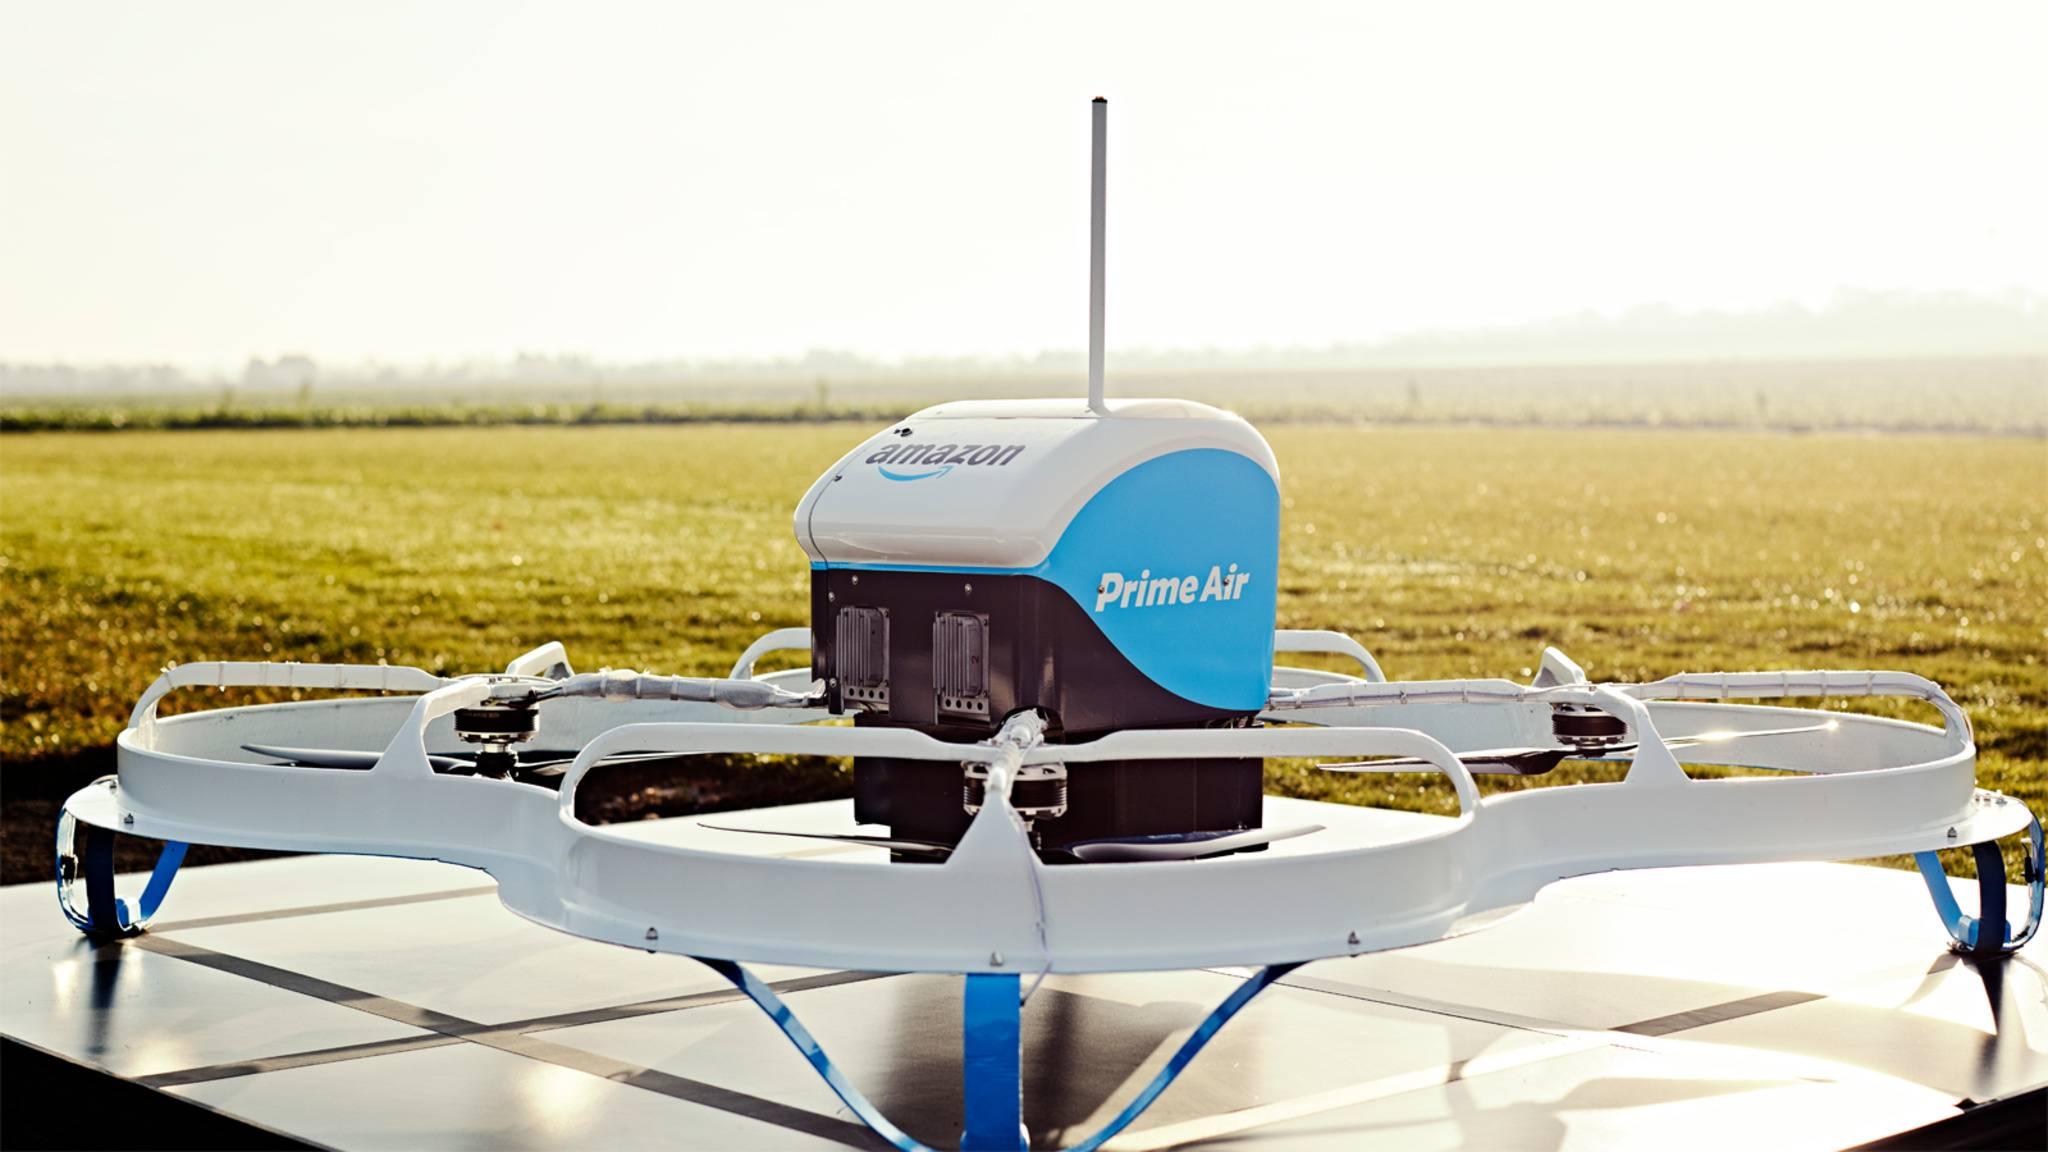 Der größte Feind des Postboten? Zumindest auf dem Land könnte Amazons Quadcopter-Lieferung Menschen bald den Job streitig machen.